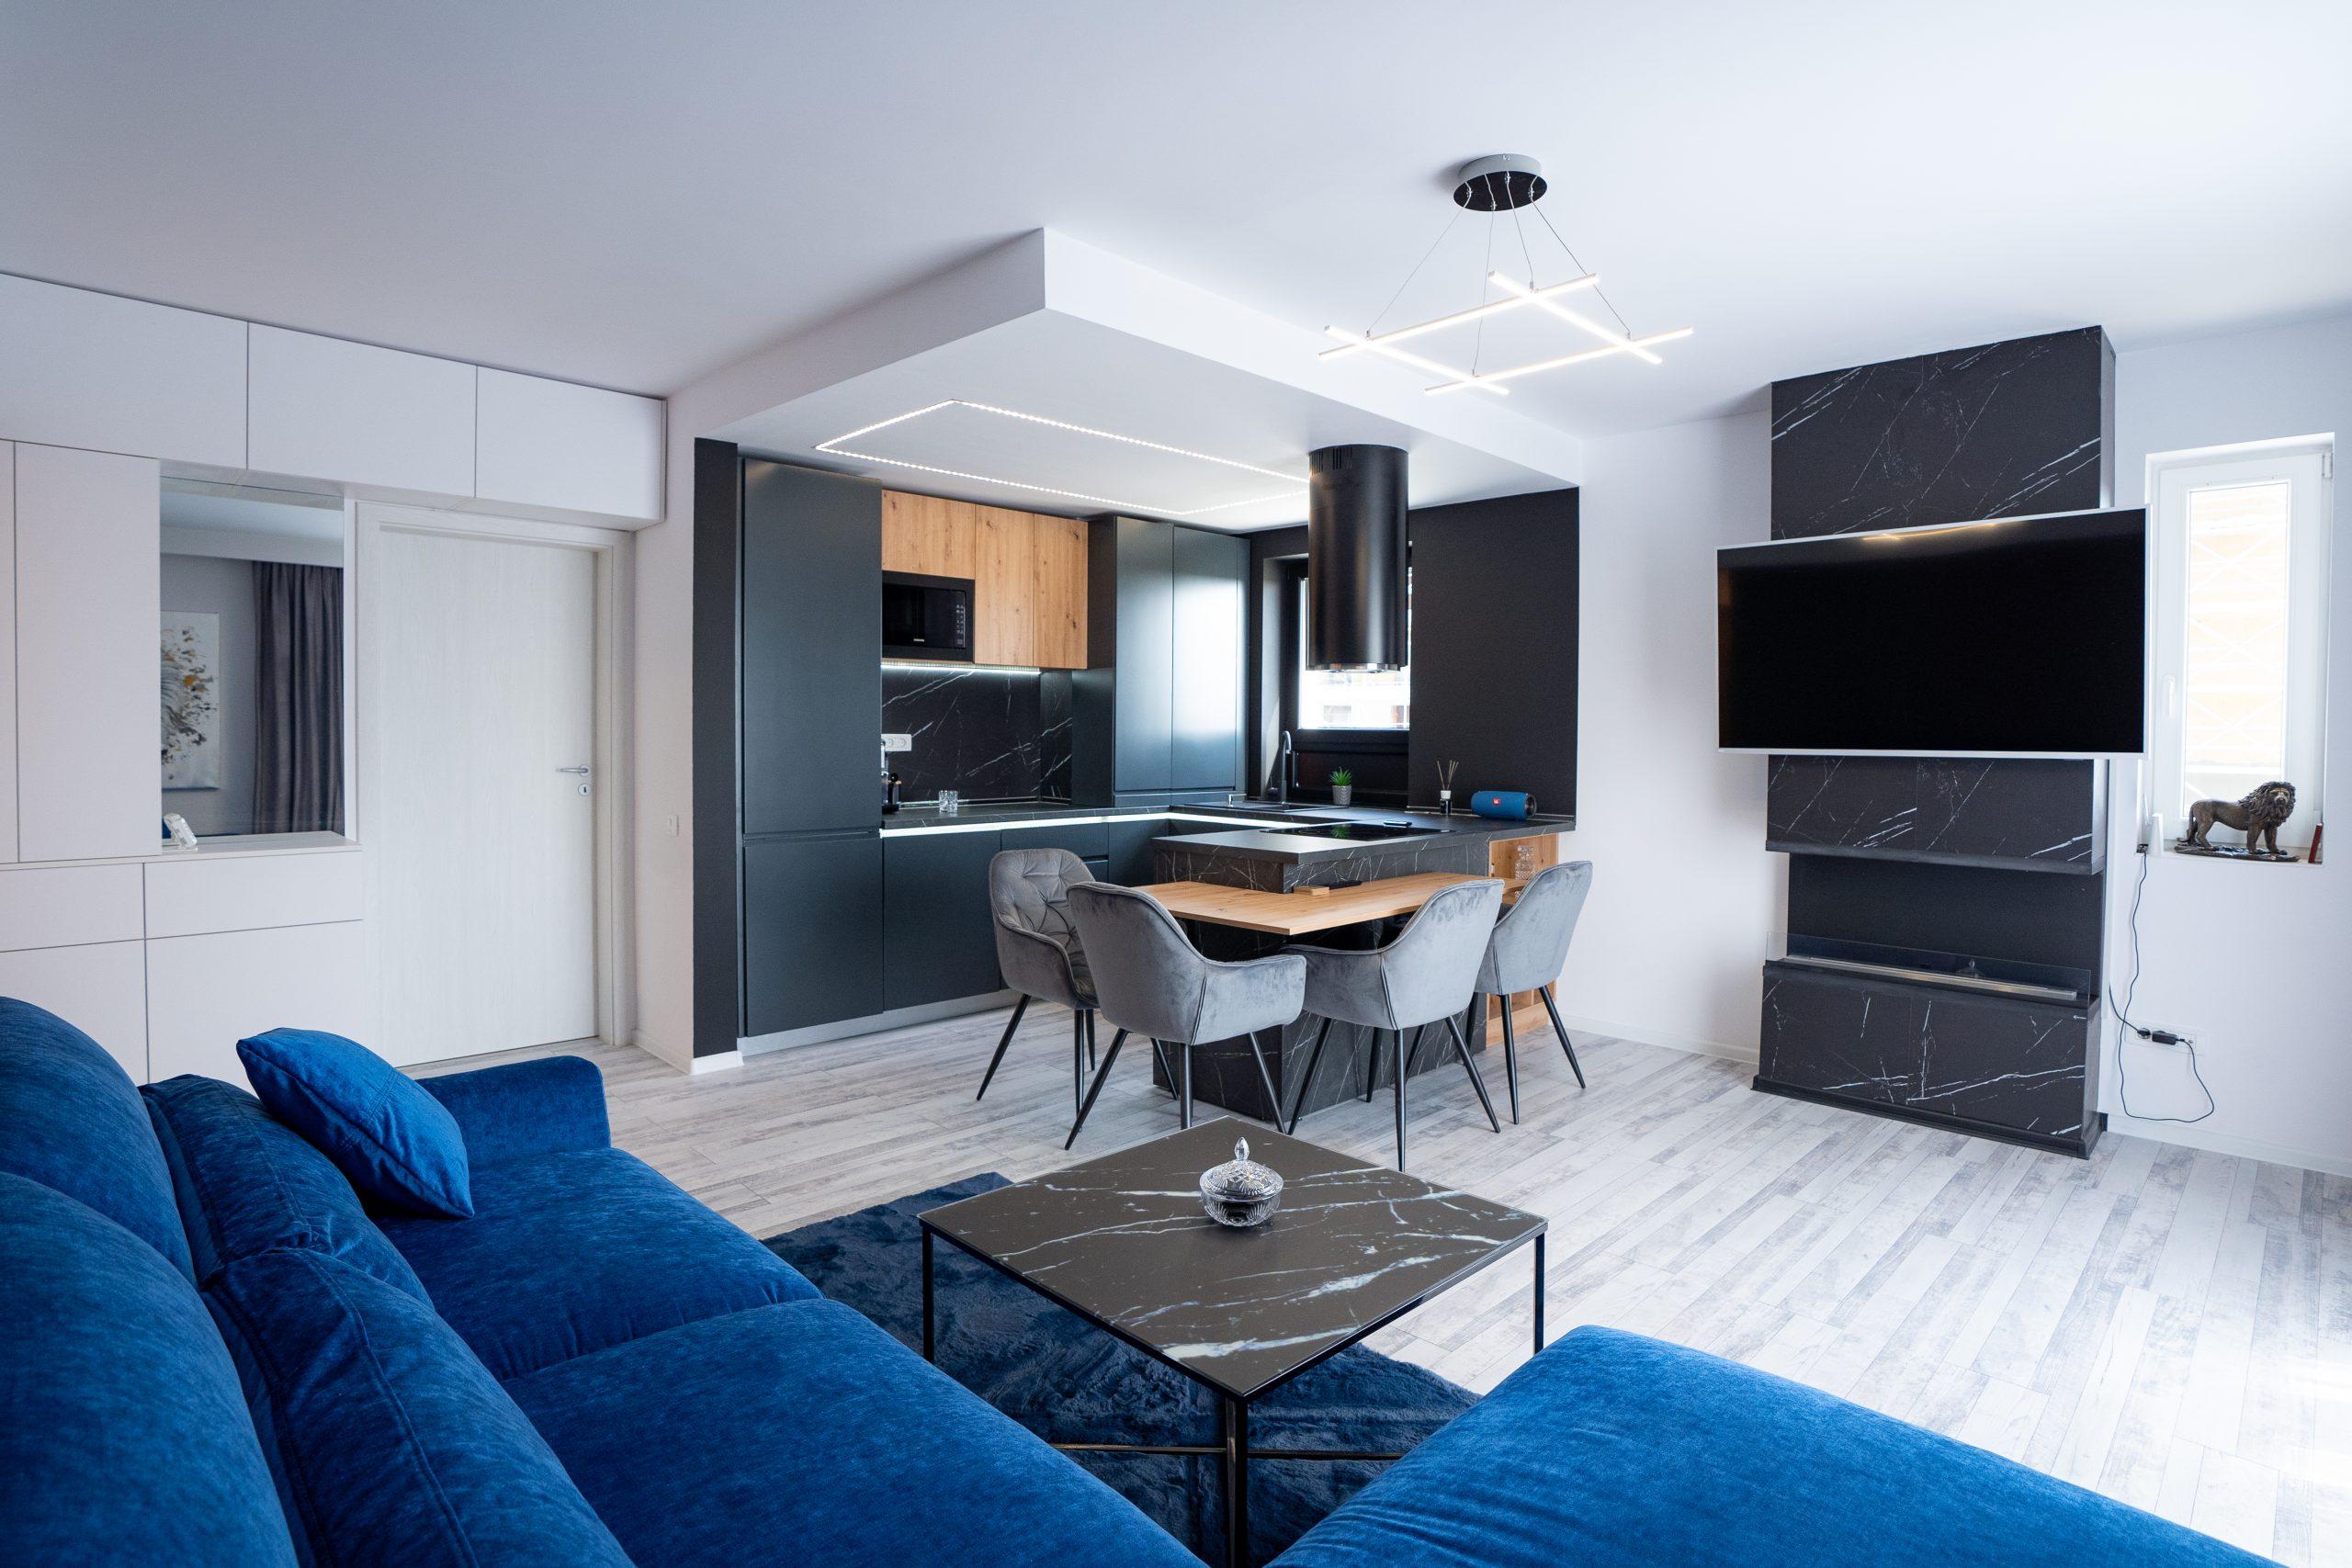 apartamente 2,5 camere